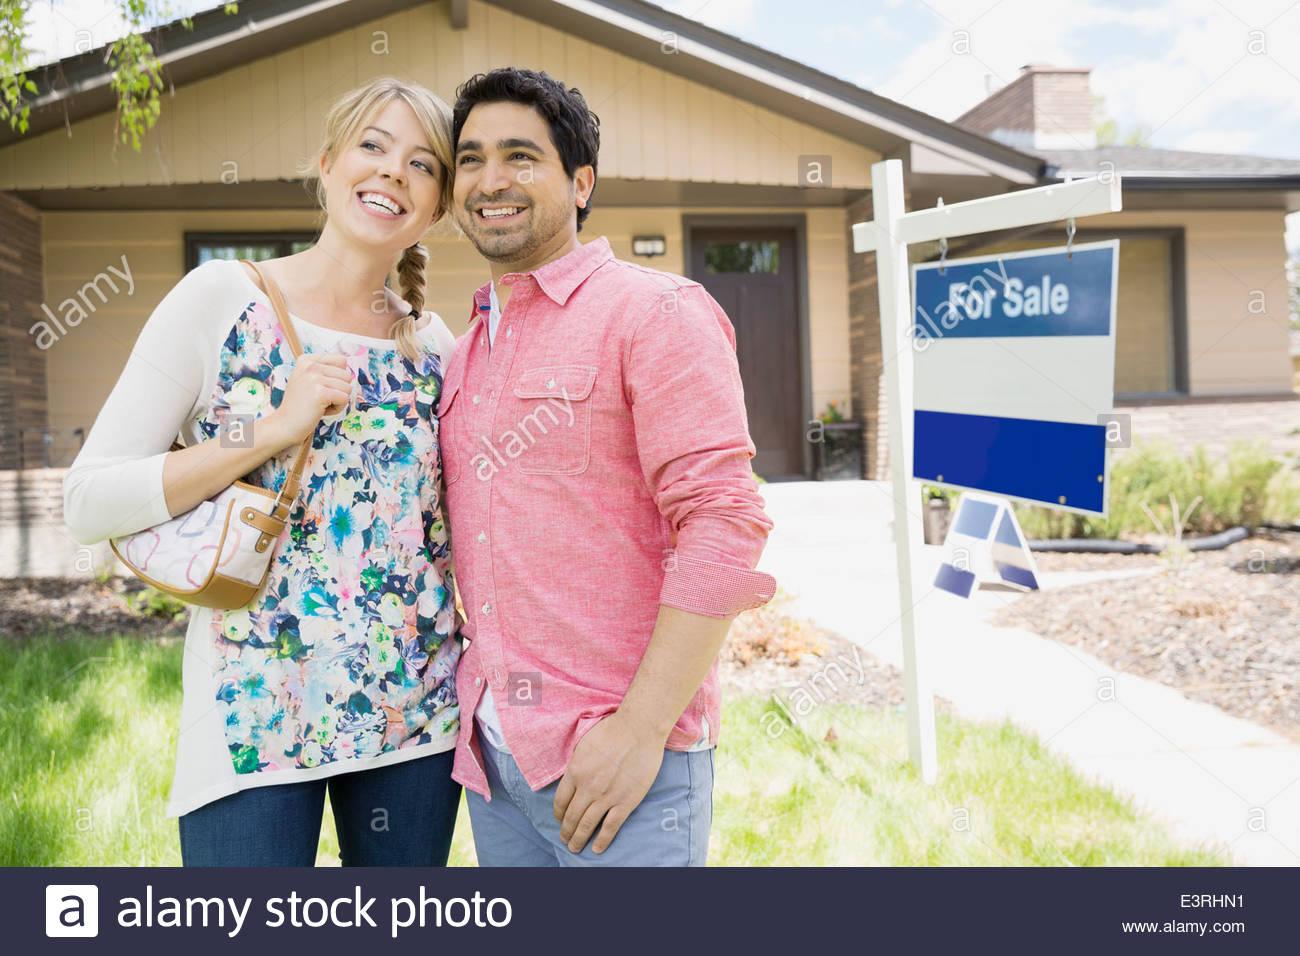 Couple smiling suivant pour For Sale sign Photo Stock